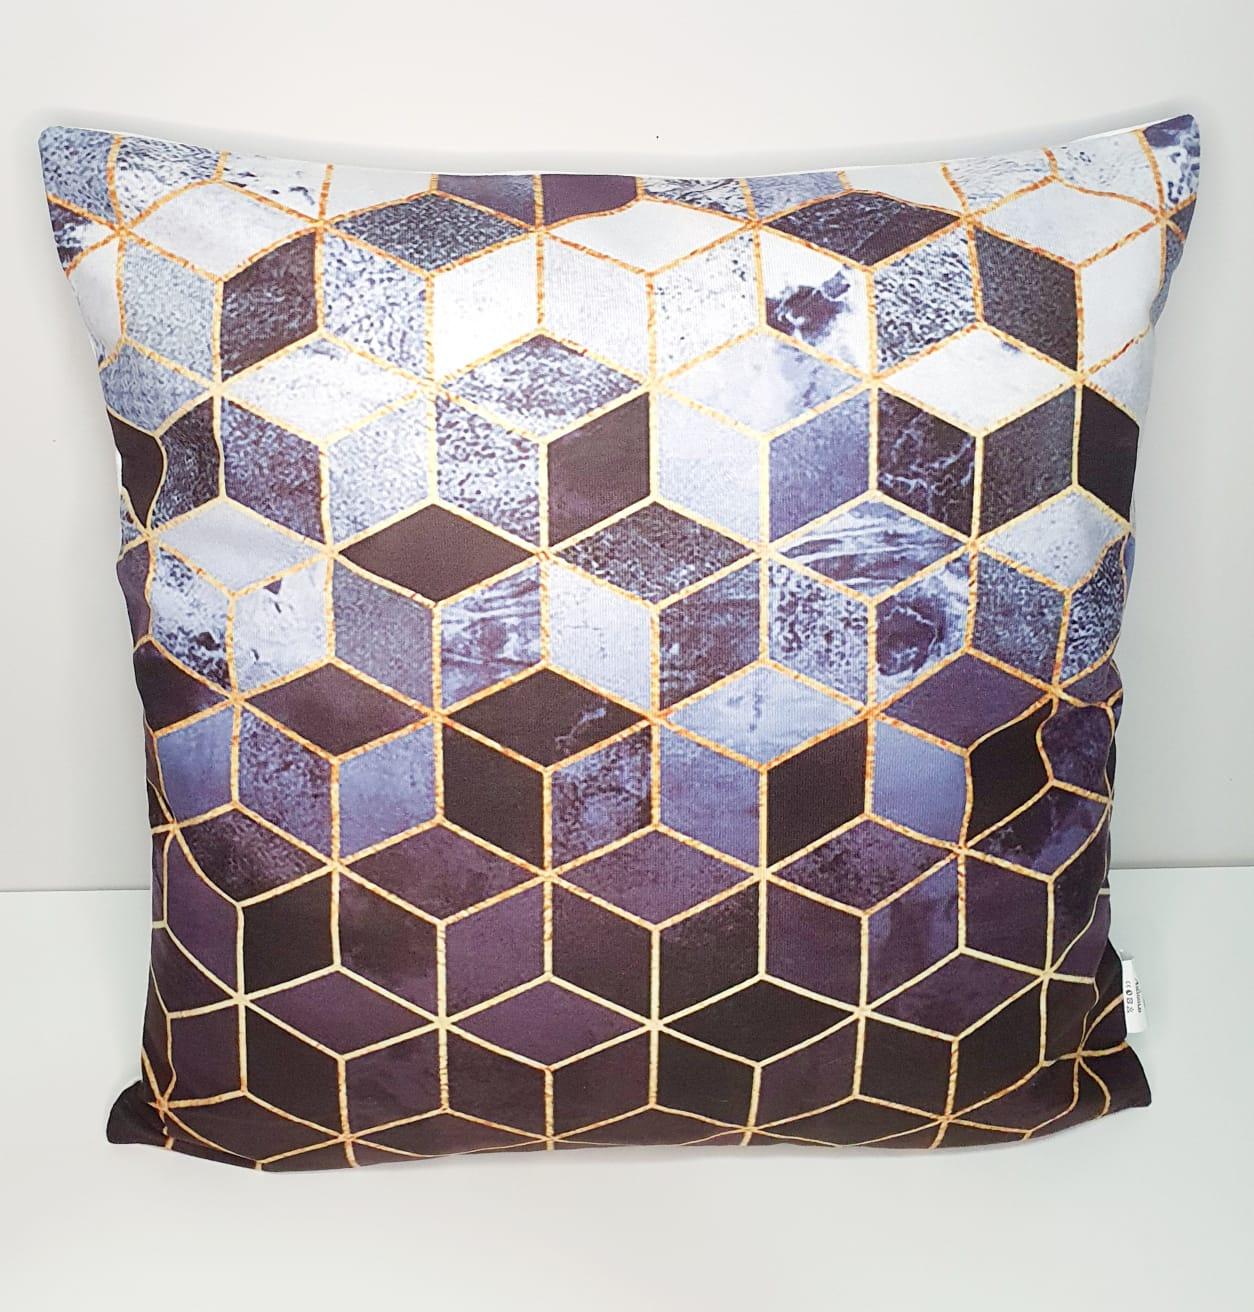 Capa para almofada - hexagonal